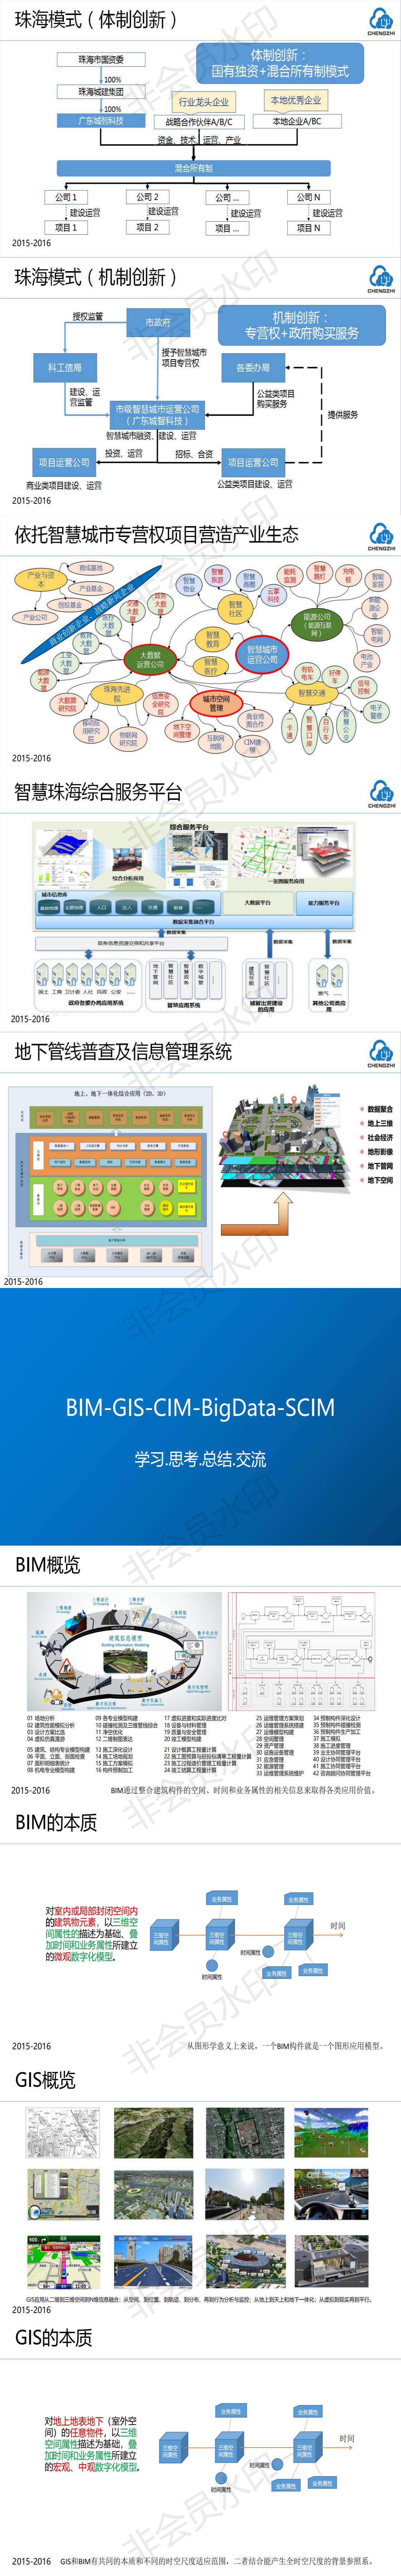 智慧城市信息模型2_0.png